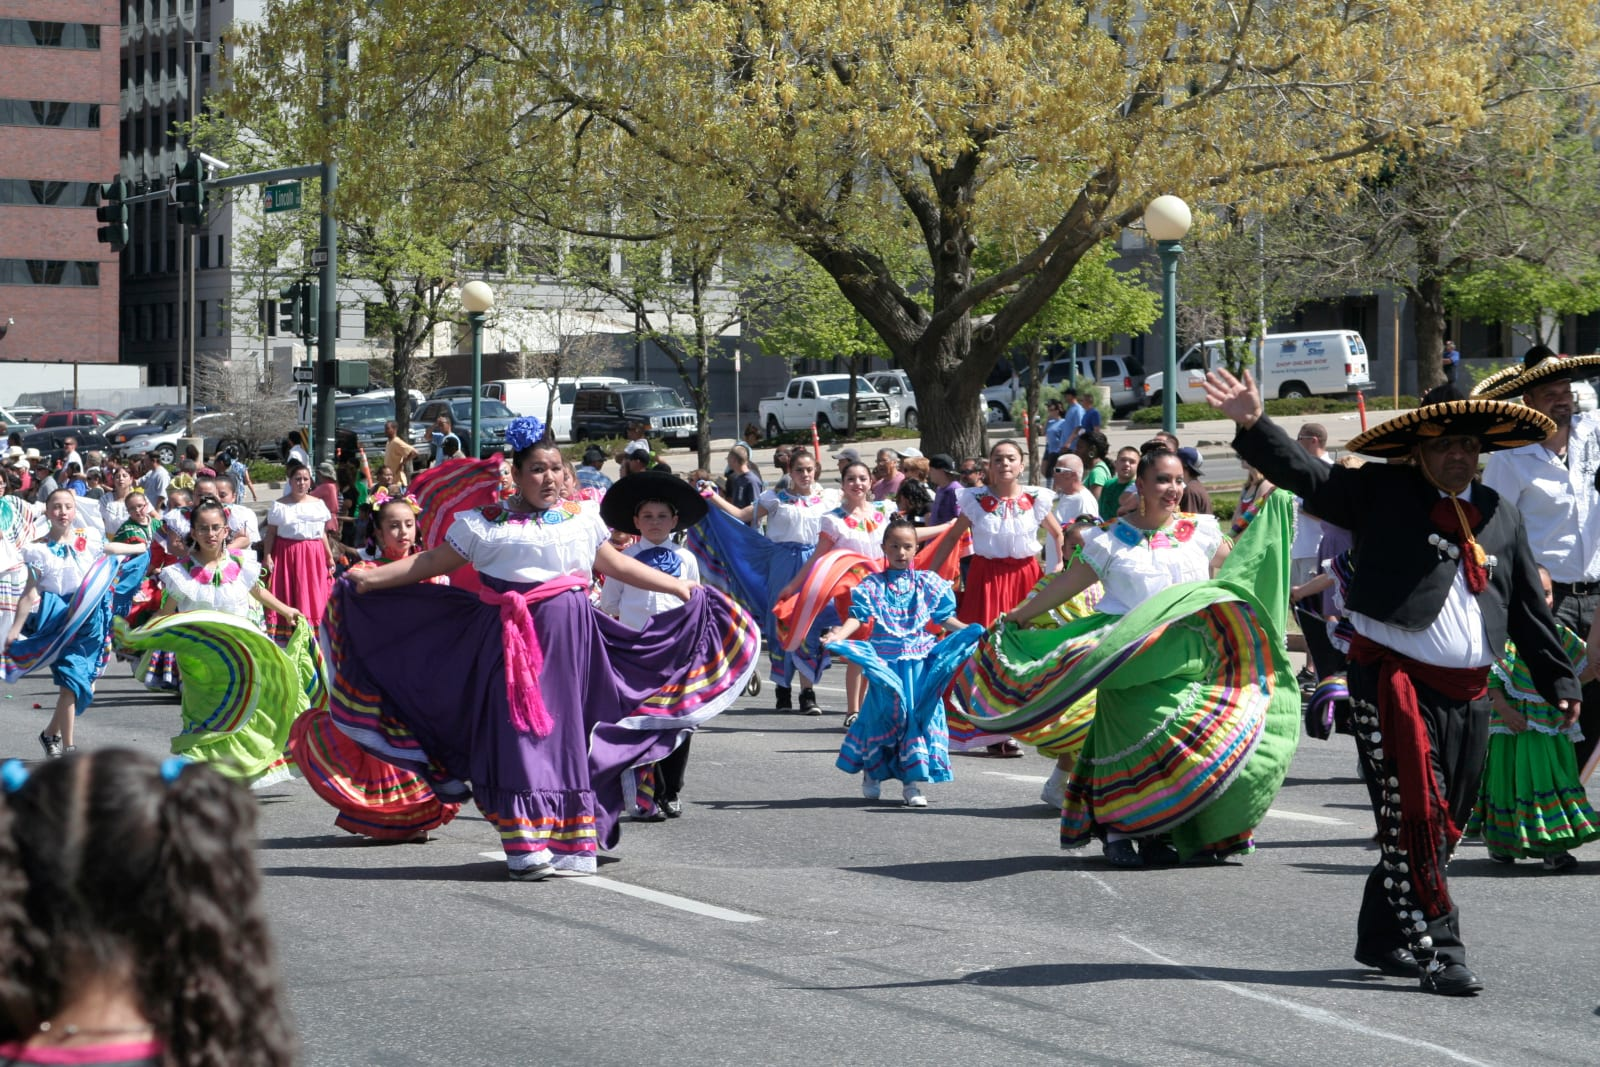 Cindo de Mayo Parade